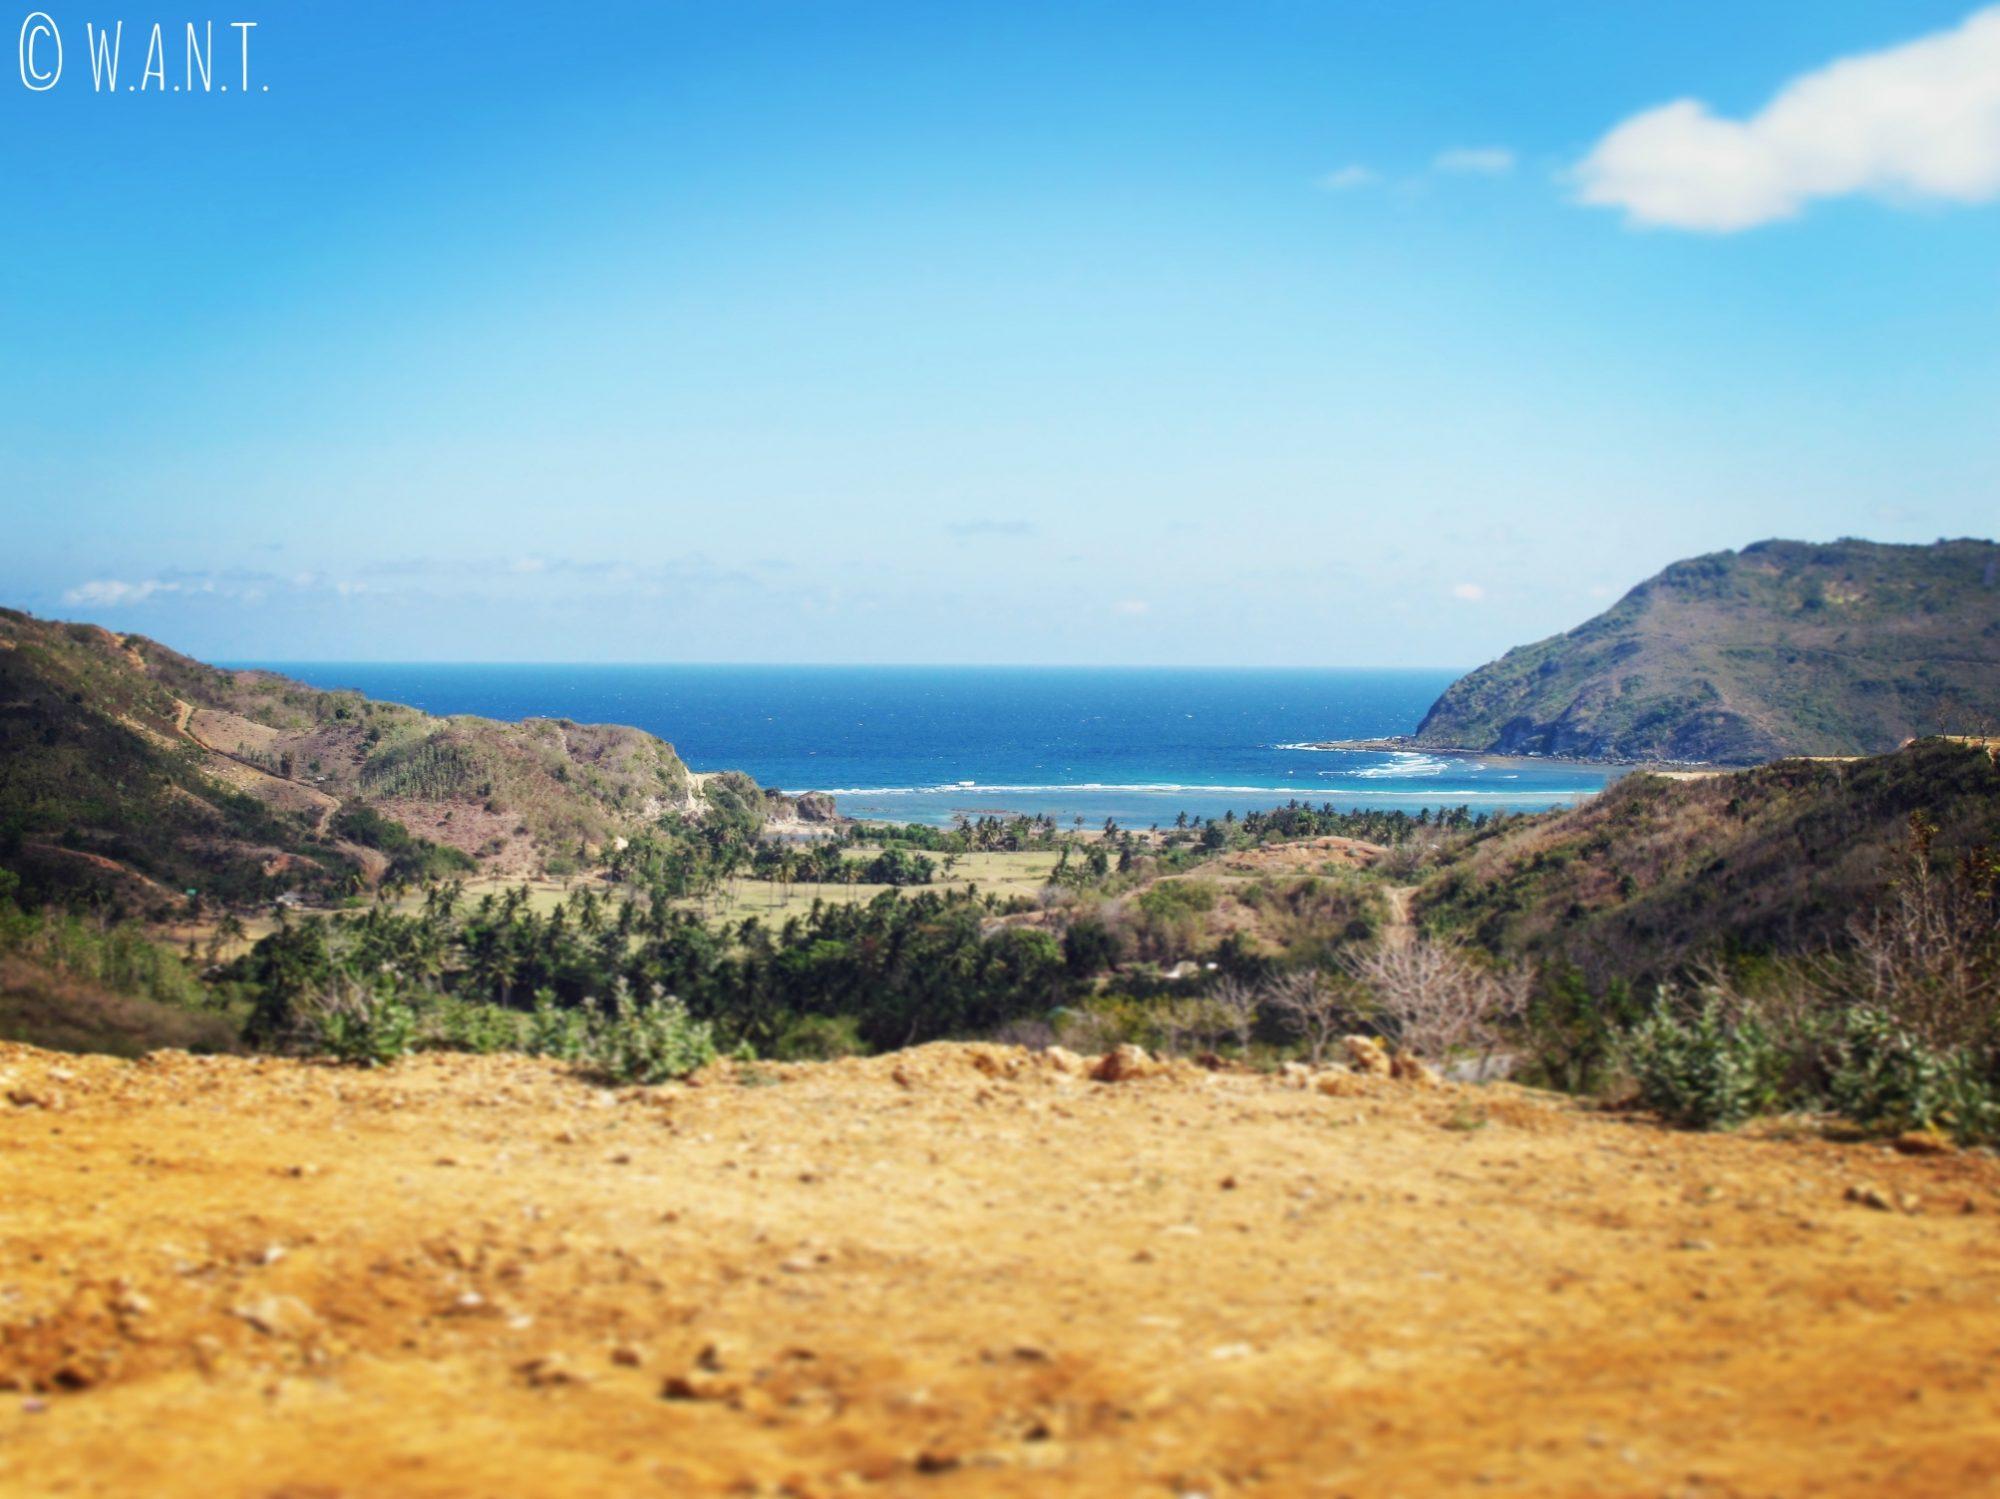 Panorama sur le chemin de la plage de Selong Belanak à Lombok